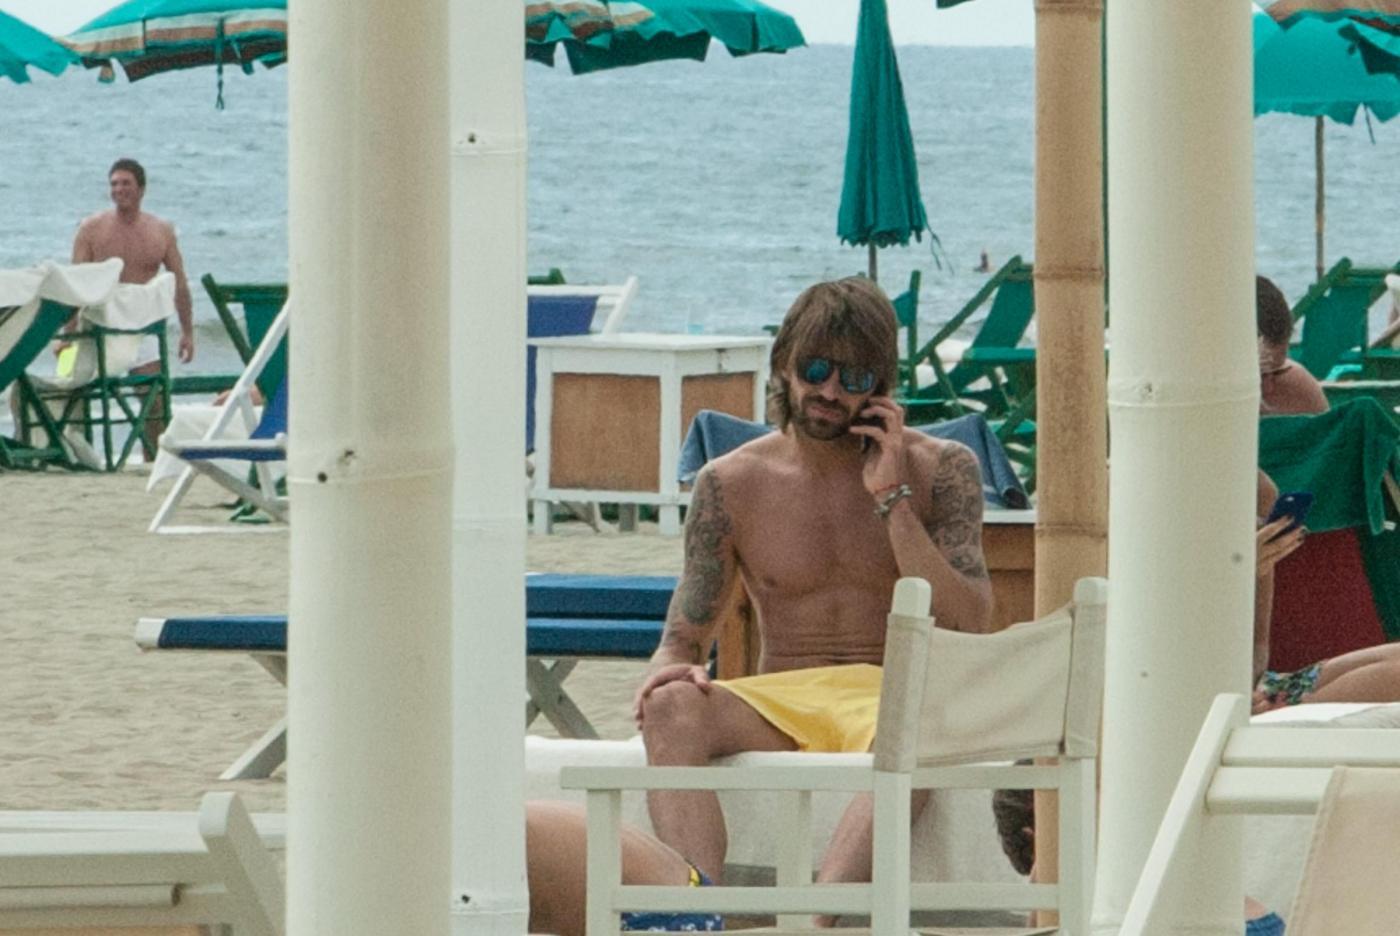 Juventus, Marco Storari al mare a Forte dei Marmi in attesa di Berlino12